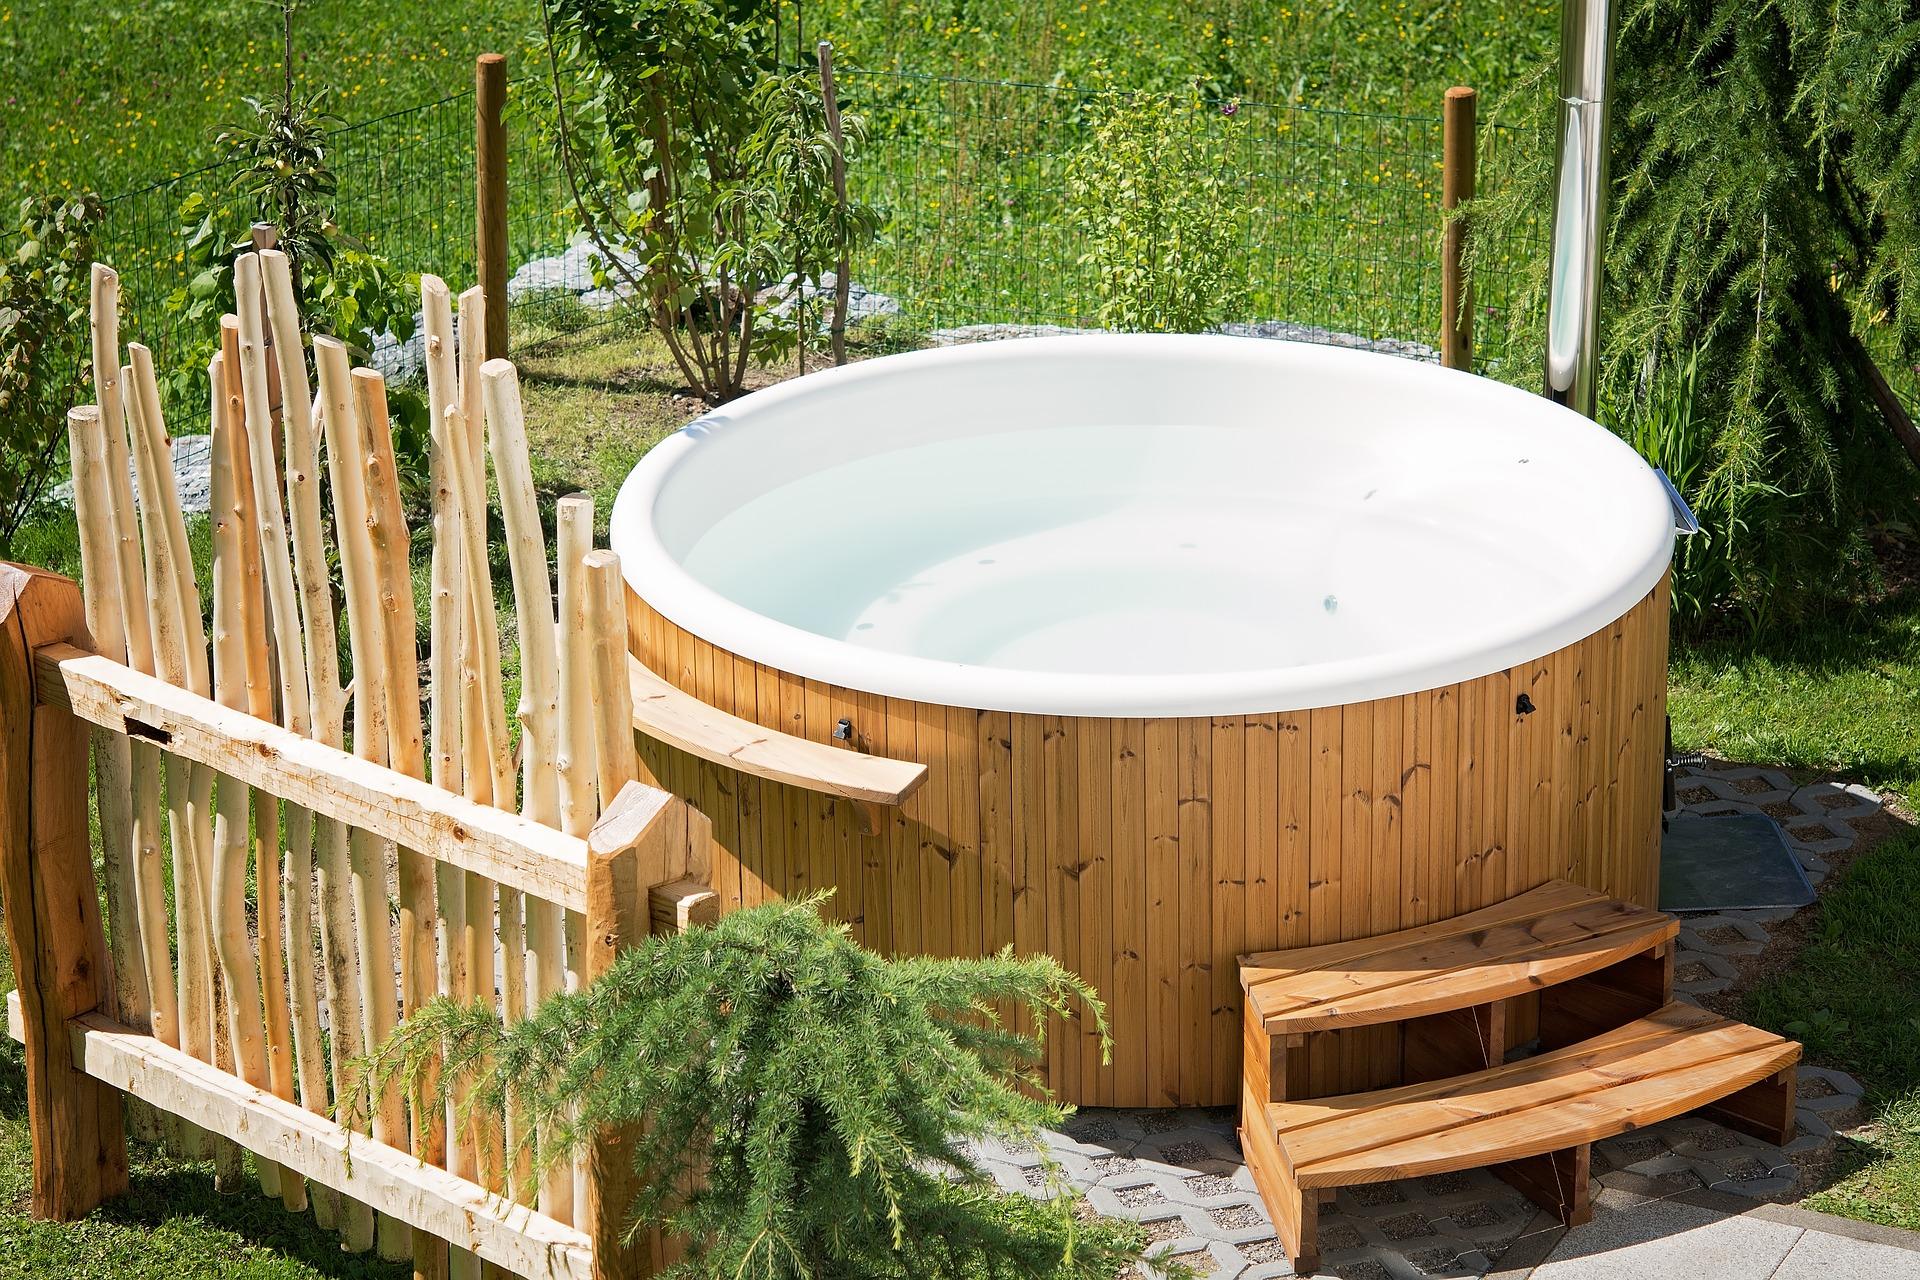 Ein Whirlpool im eigenen Garten lässt Urlaubsgefühle aufkommen und trägt zu jeder Jahreszeit zur Erholung bei.